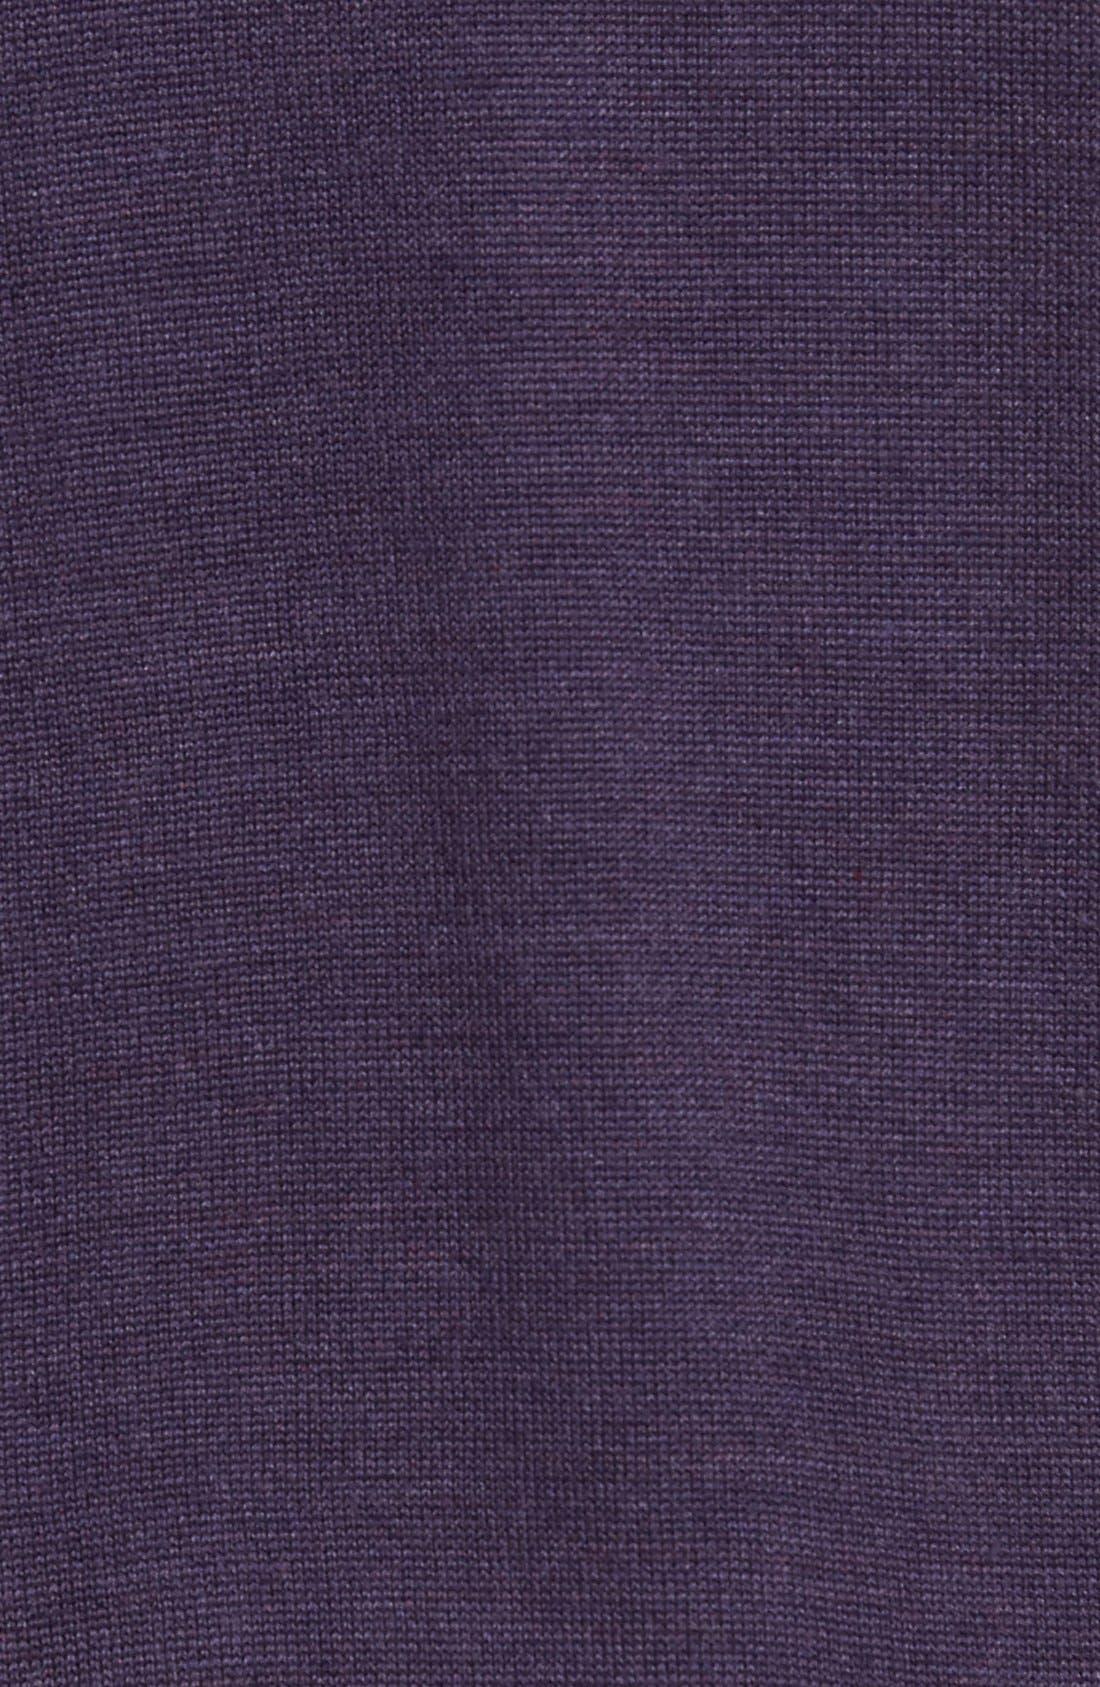 Alternate Image 5  - Cutter & Buck 'Douglas' Merino Wool Blend V-Neck Sweater Vest (Online Only)